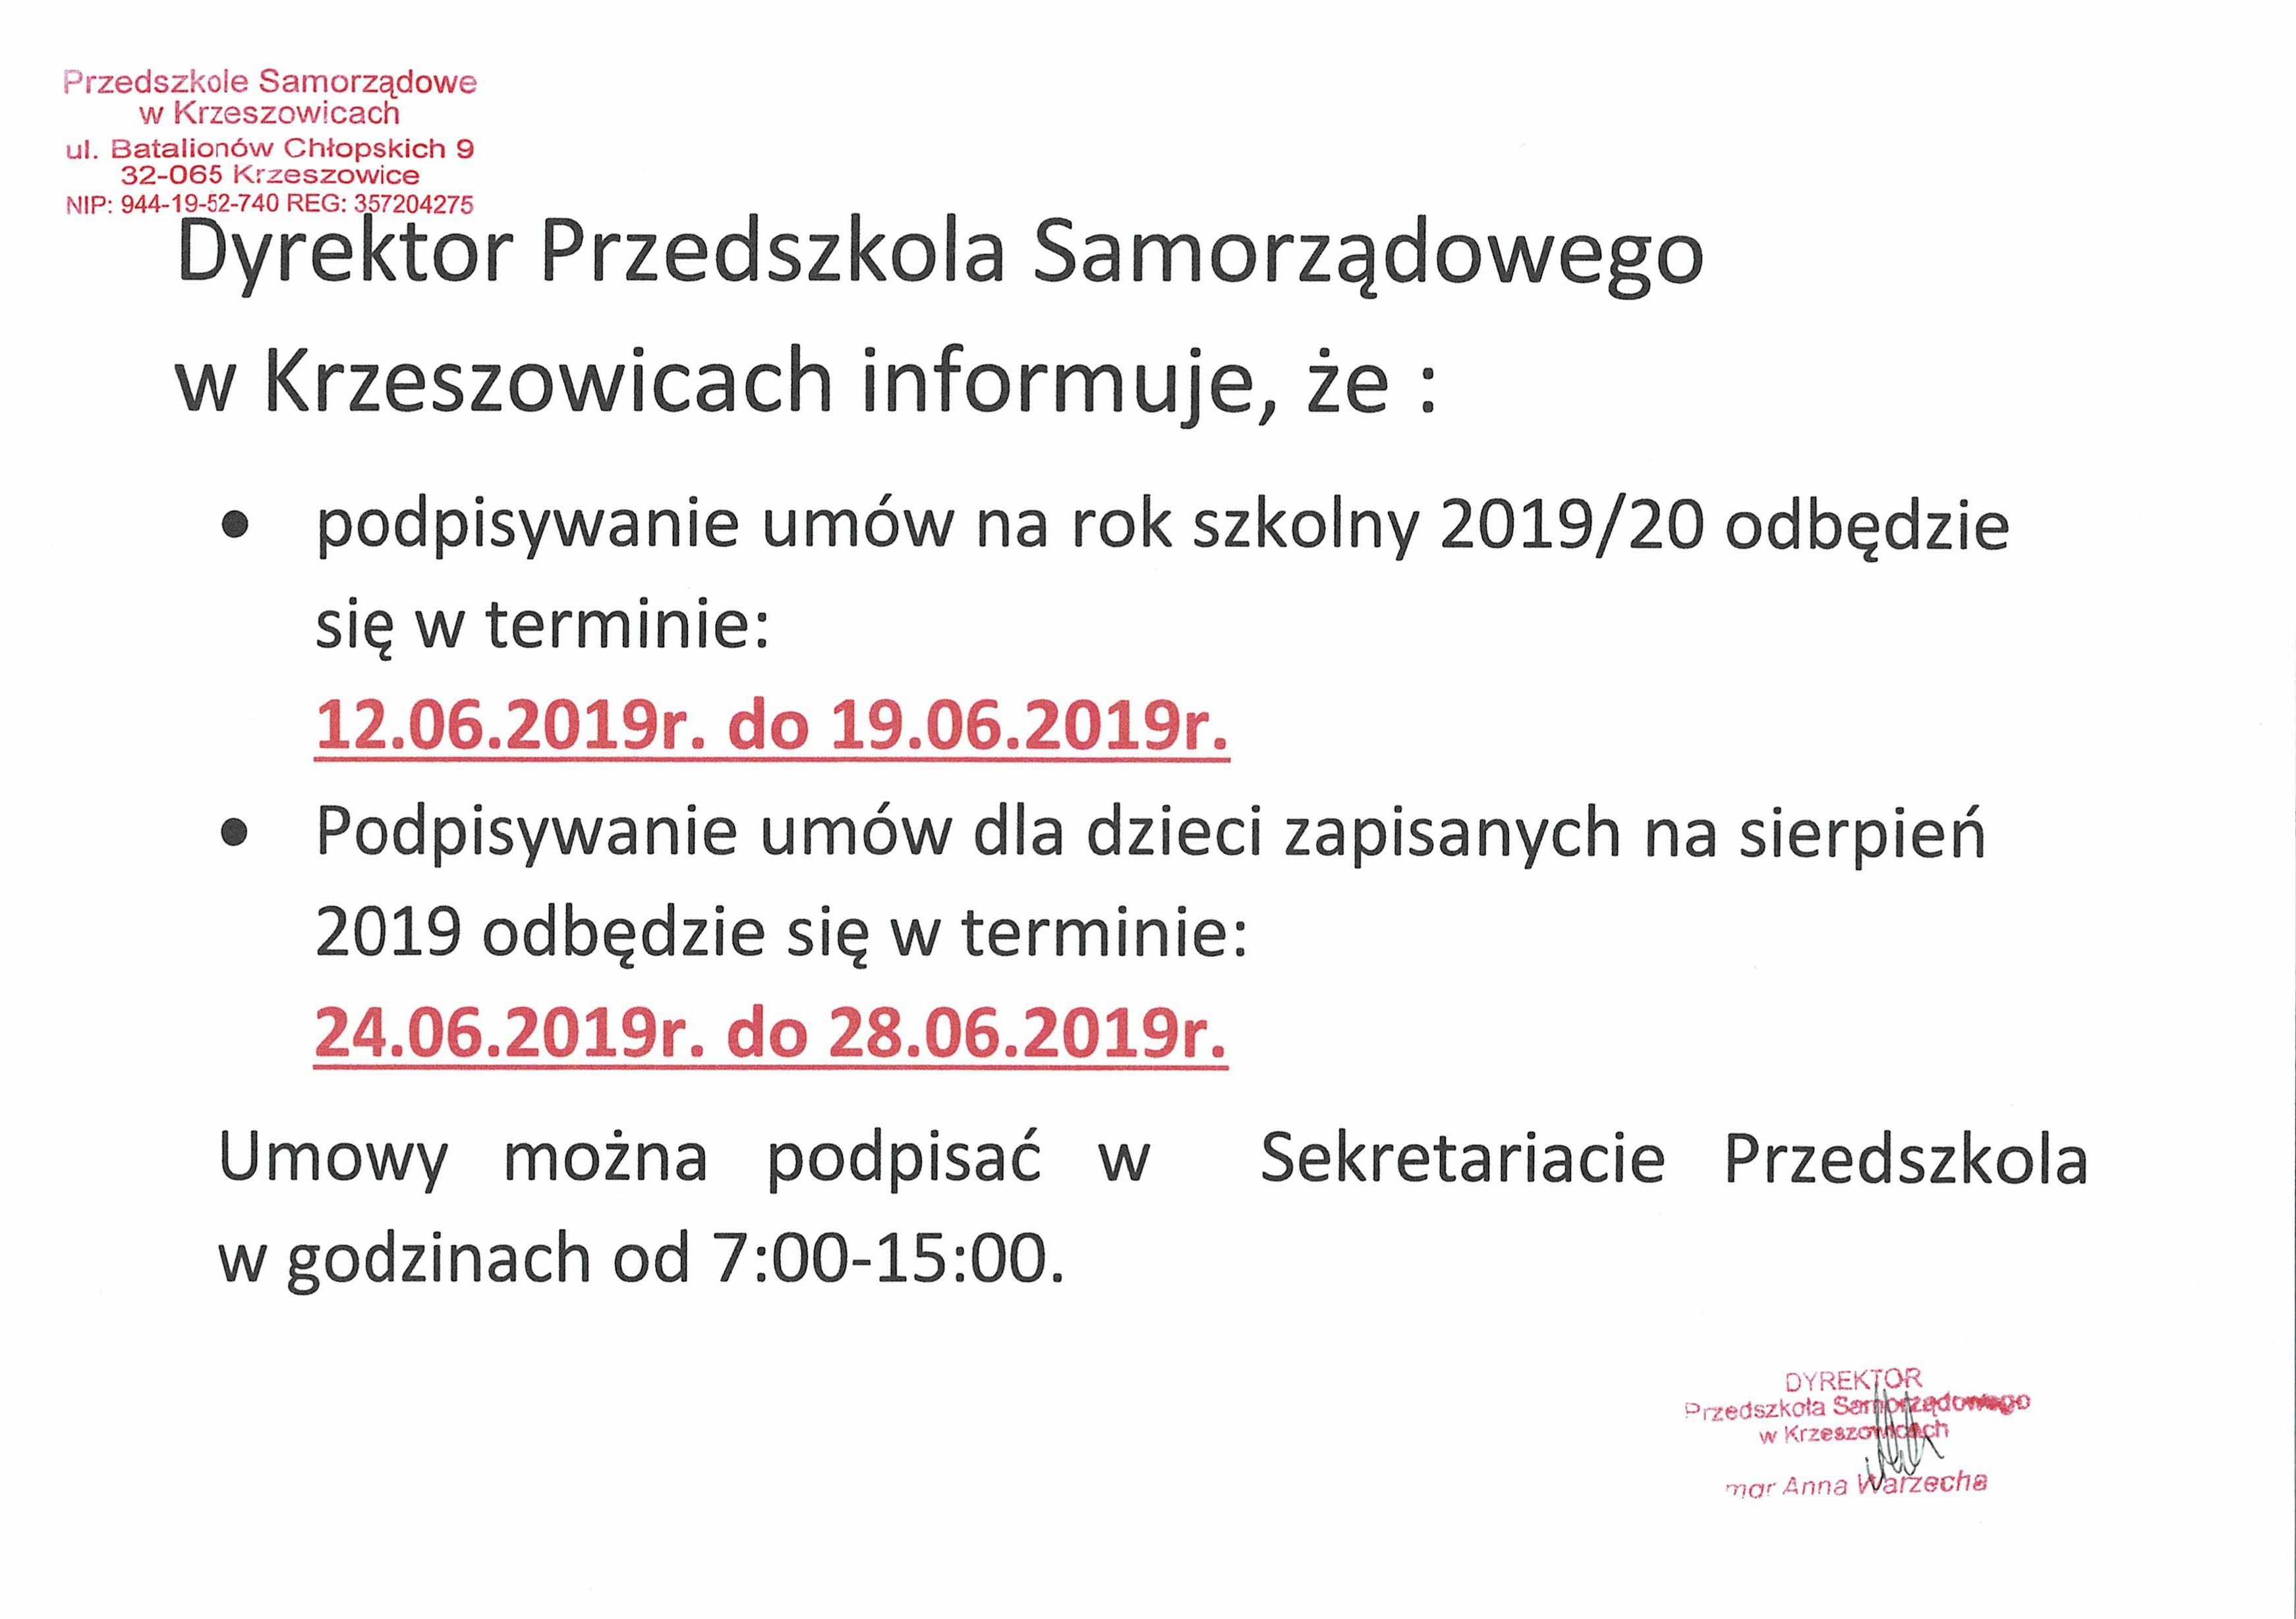 Podpisywanie umów na wakacje i nowy rok szkolny 2019/20